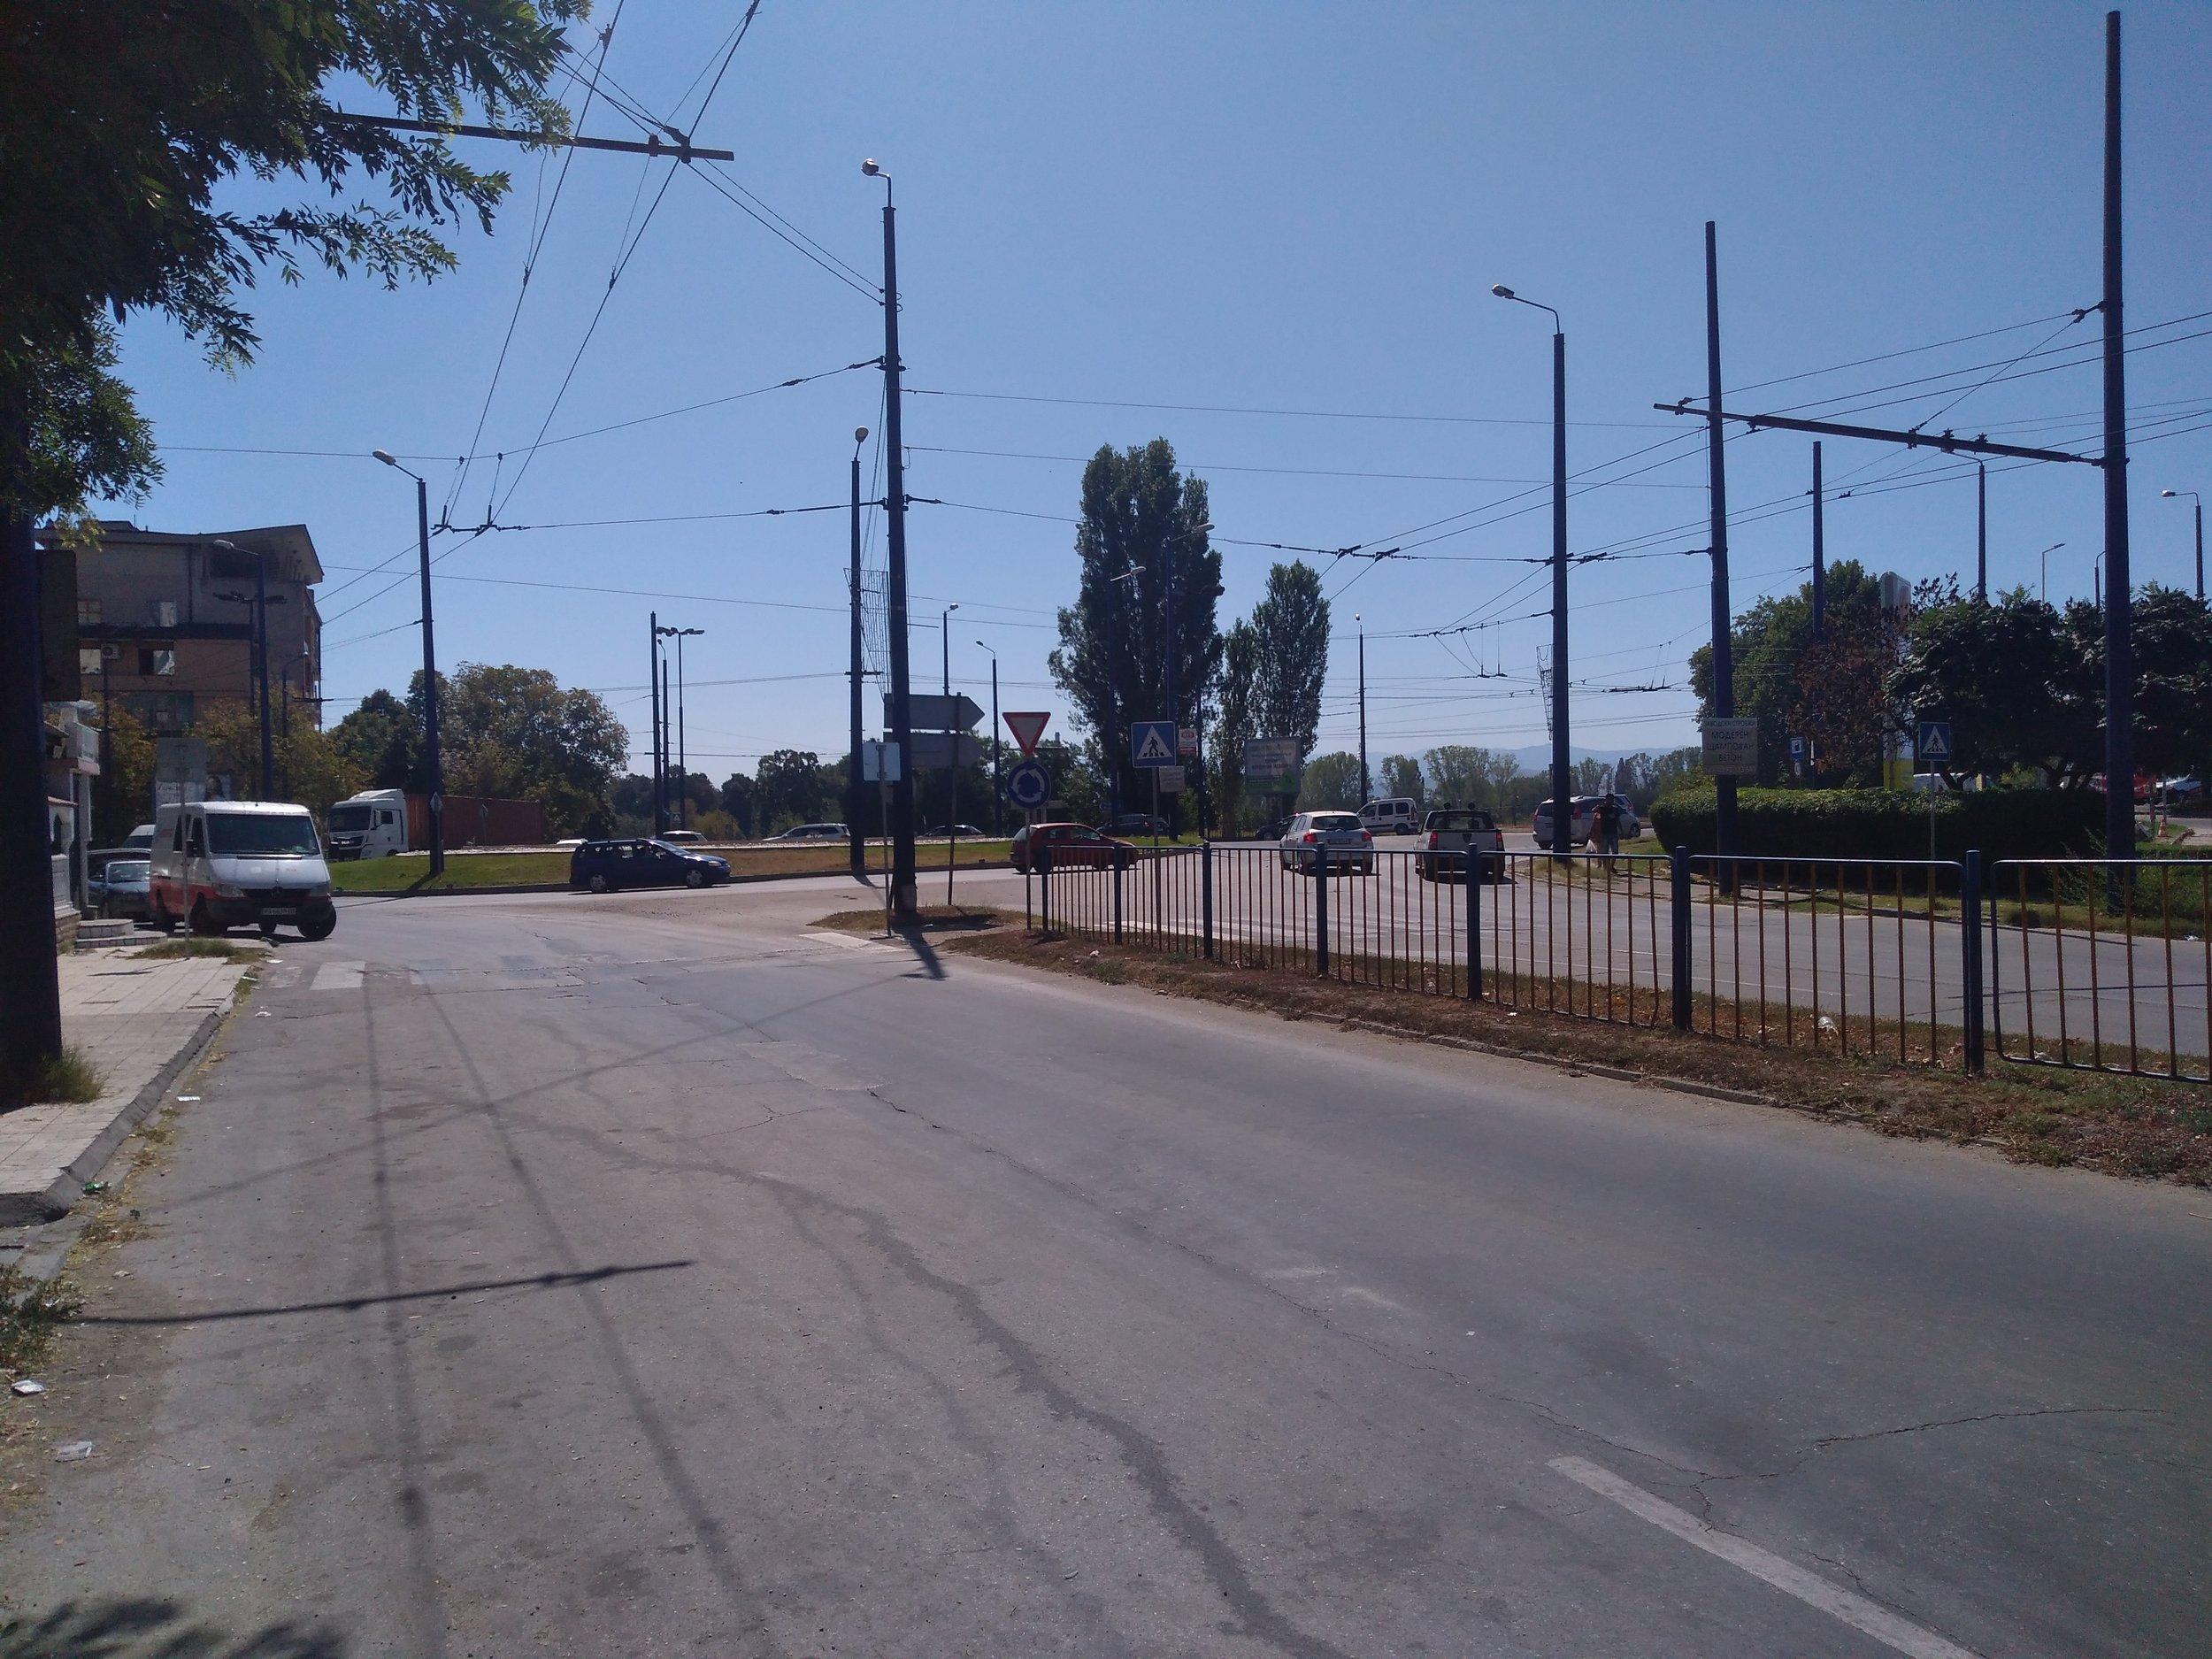 Zde vidíme napojení neprovozované trati u kruhového objezdu umístěného jižně od centra města.